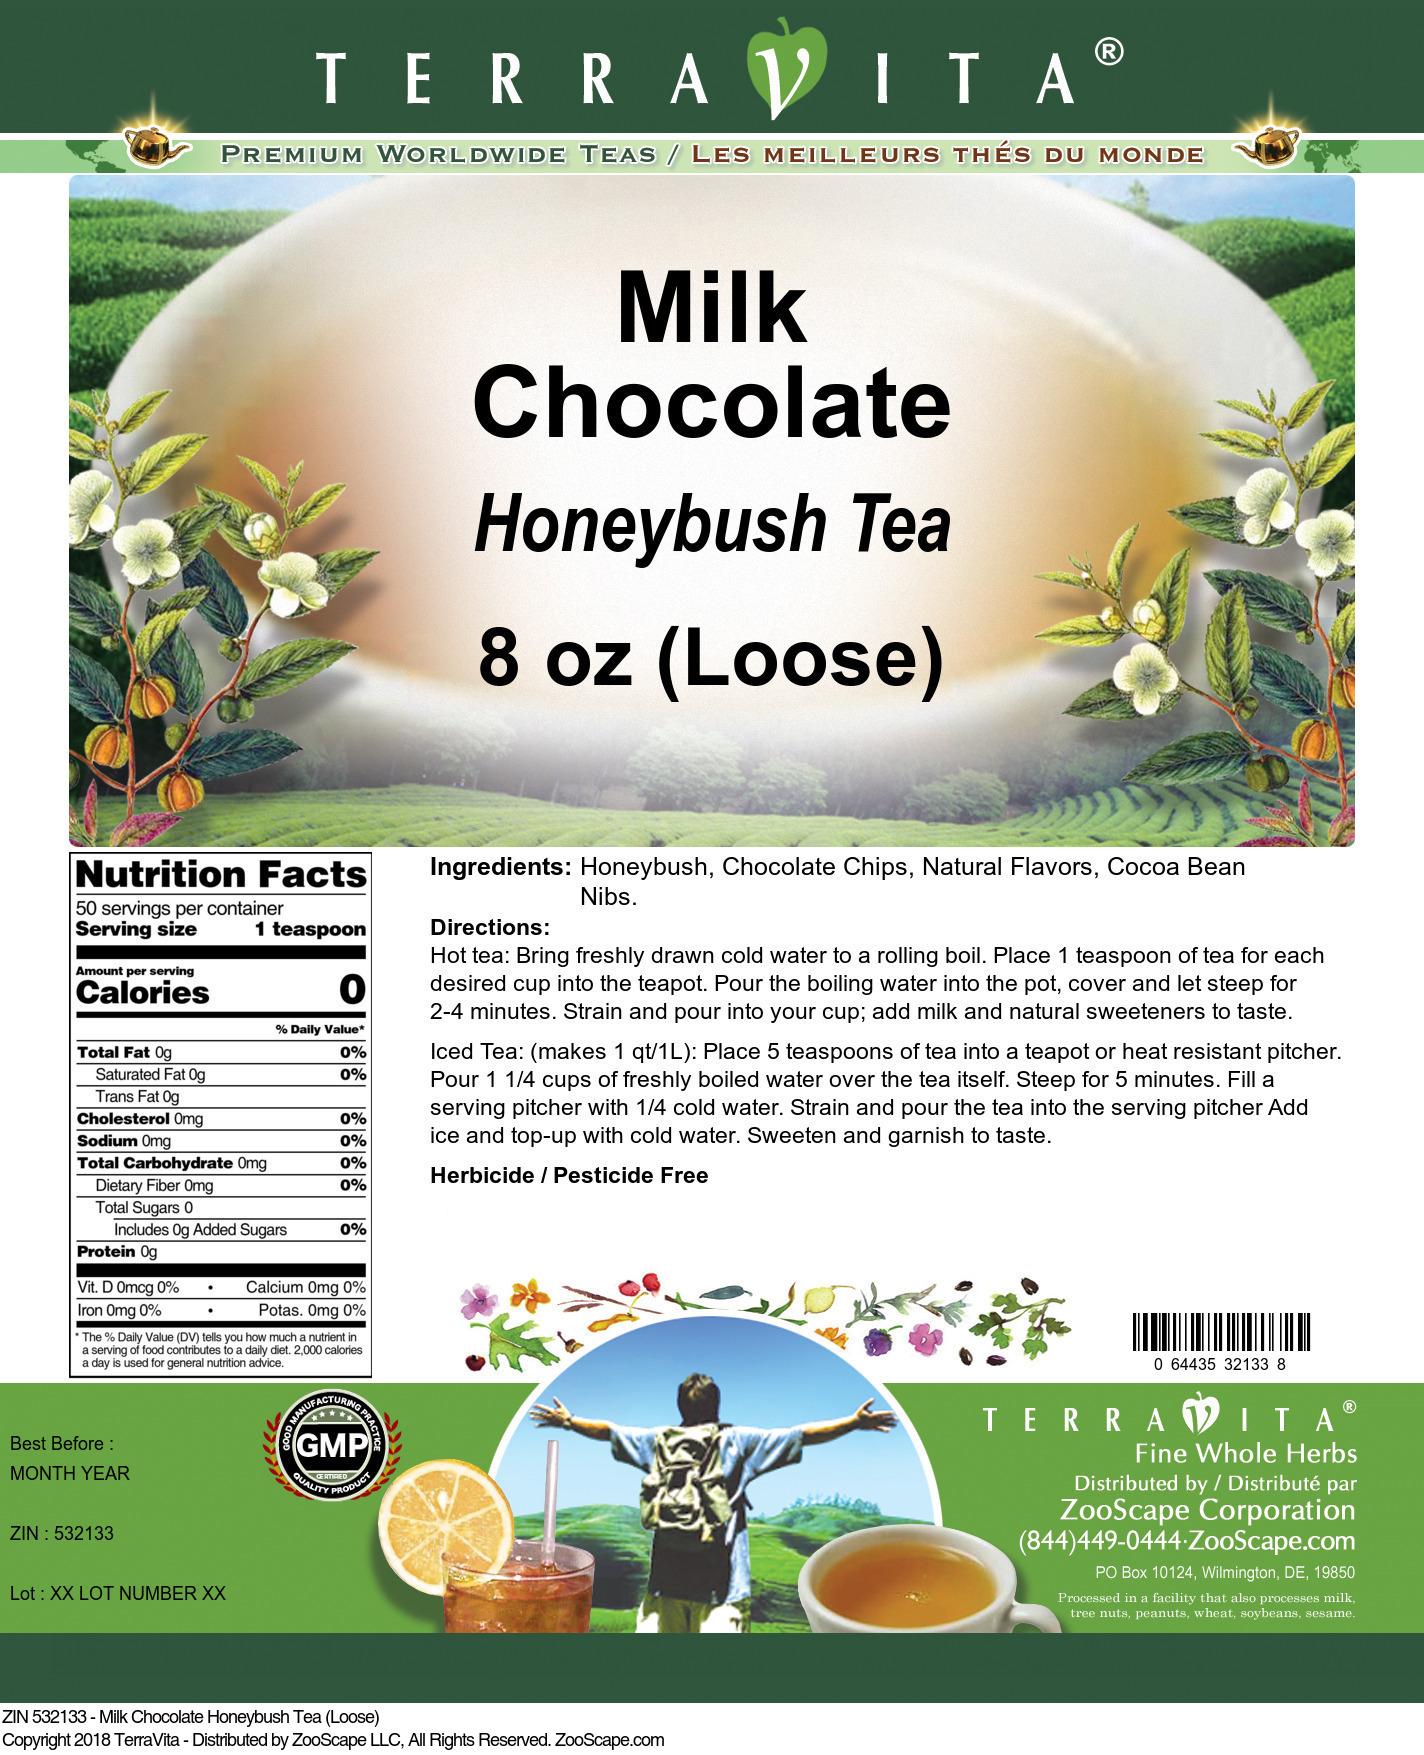 Milk Chocolate Honeybush Tea (Loose)